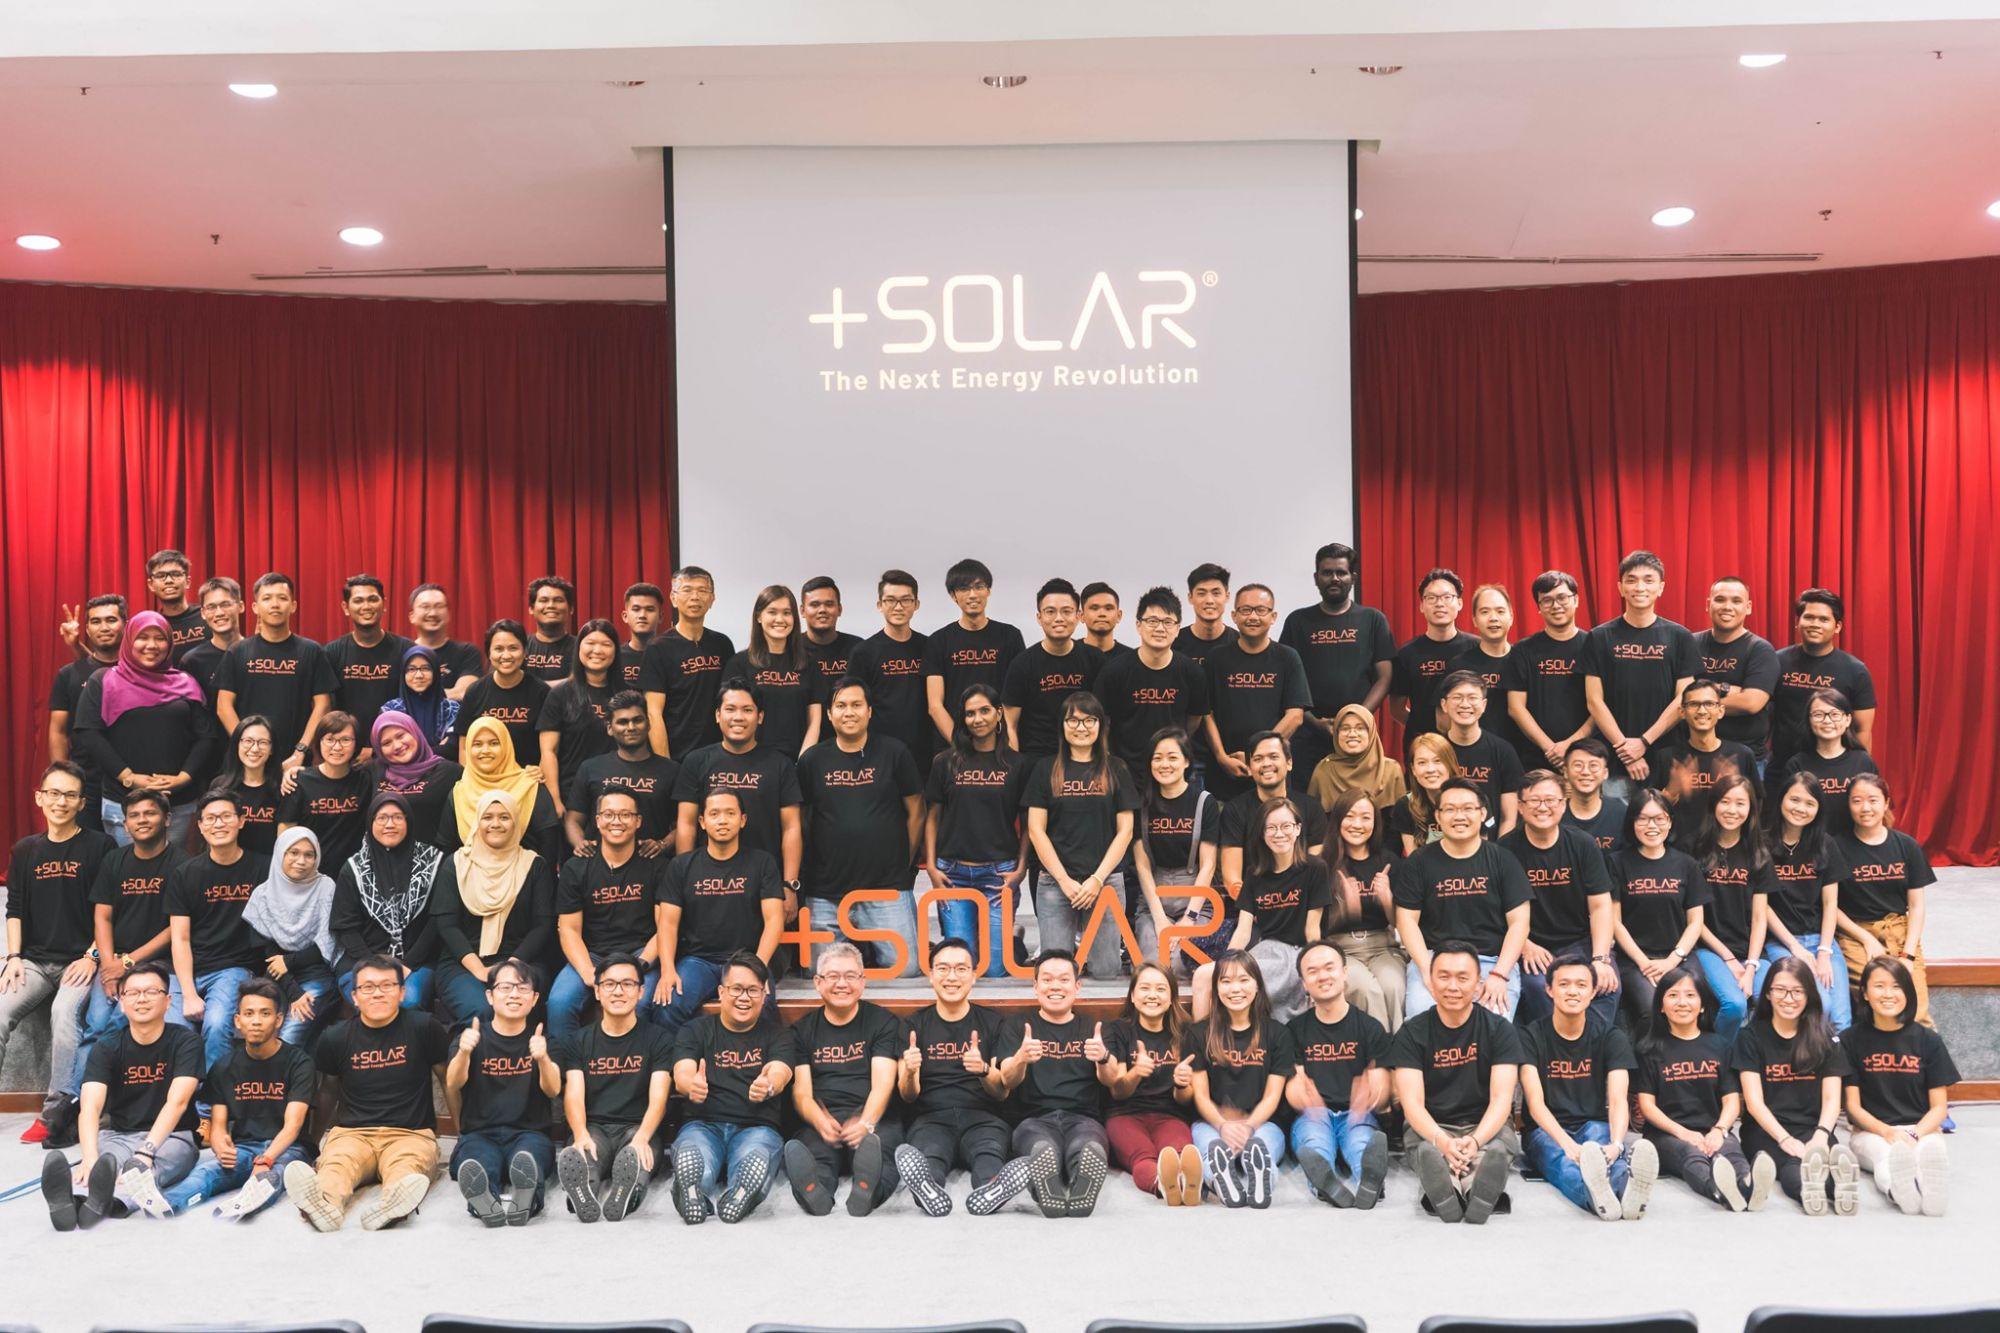 Photo: Plus Solar